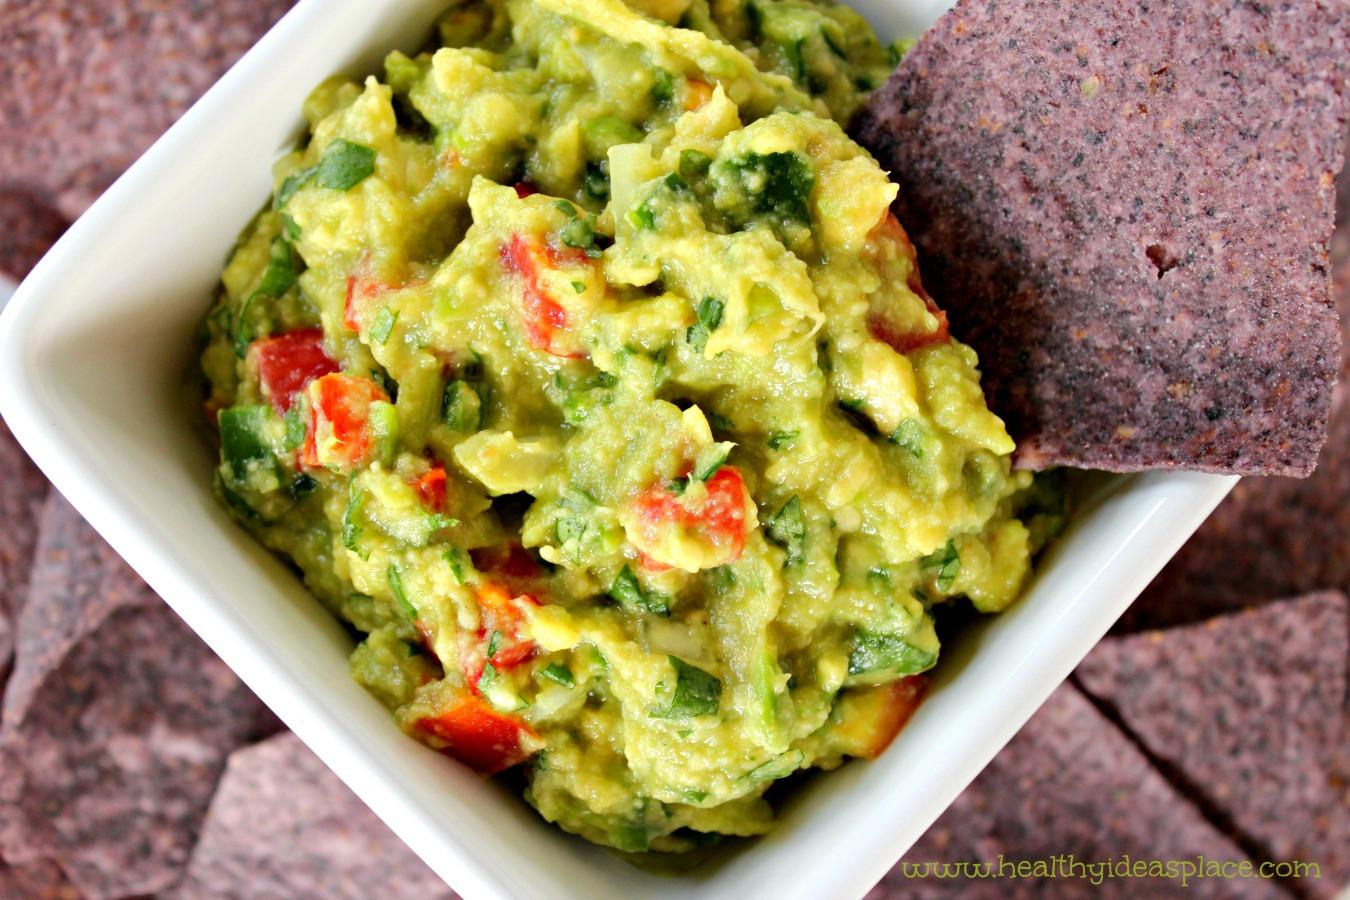 Homemade Guacamole Healthy  Guacamole Healthy Ideas Place